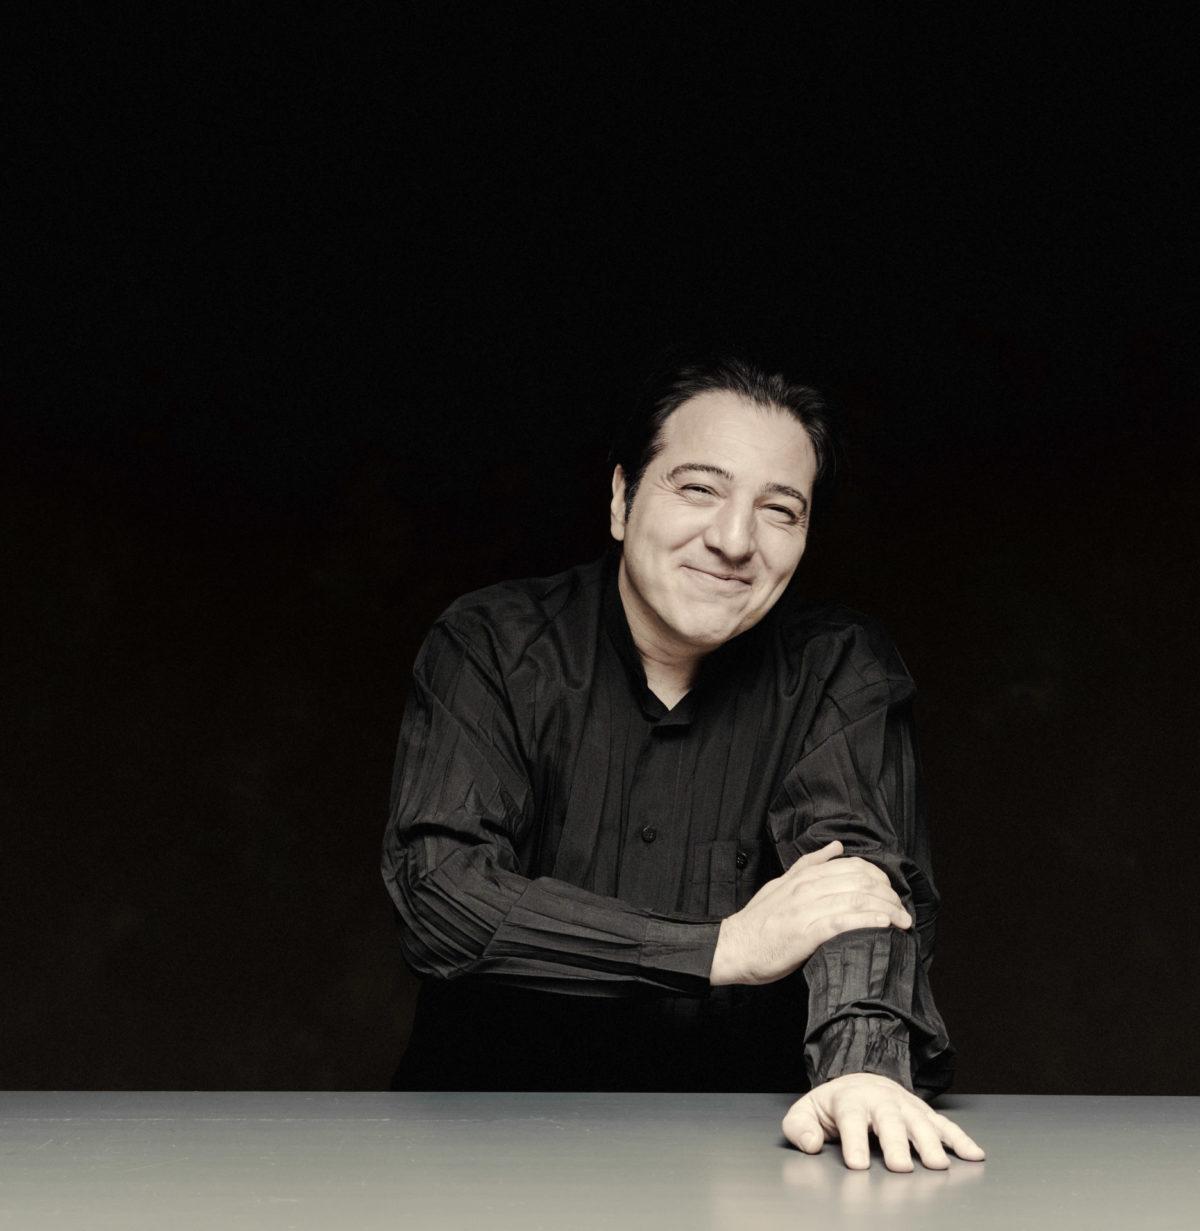 CD-Rezension: Ballads & Quintets, Fazil Say & Casal Quartett